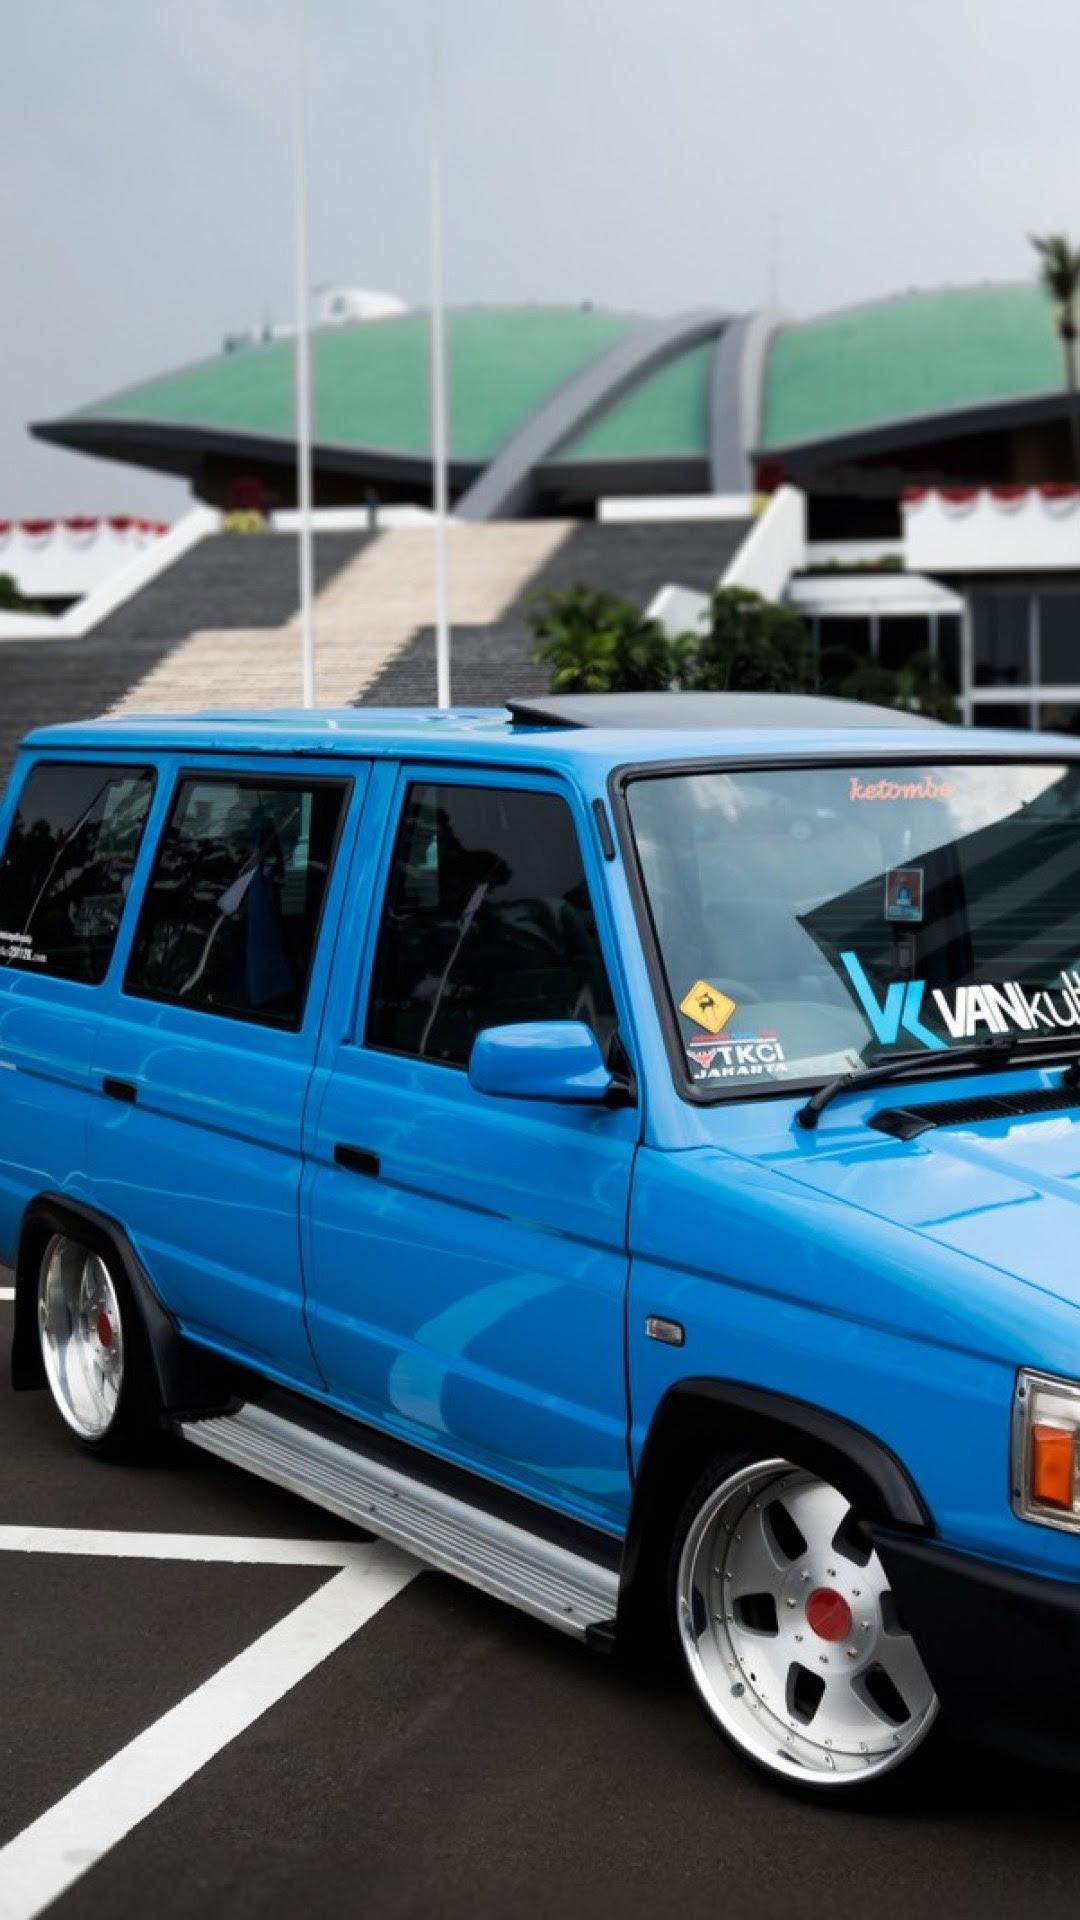 4100 Modifikasi Mobil Kijang Ceper Gratis Terbaru